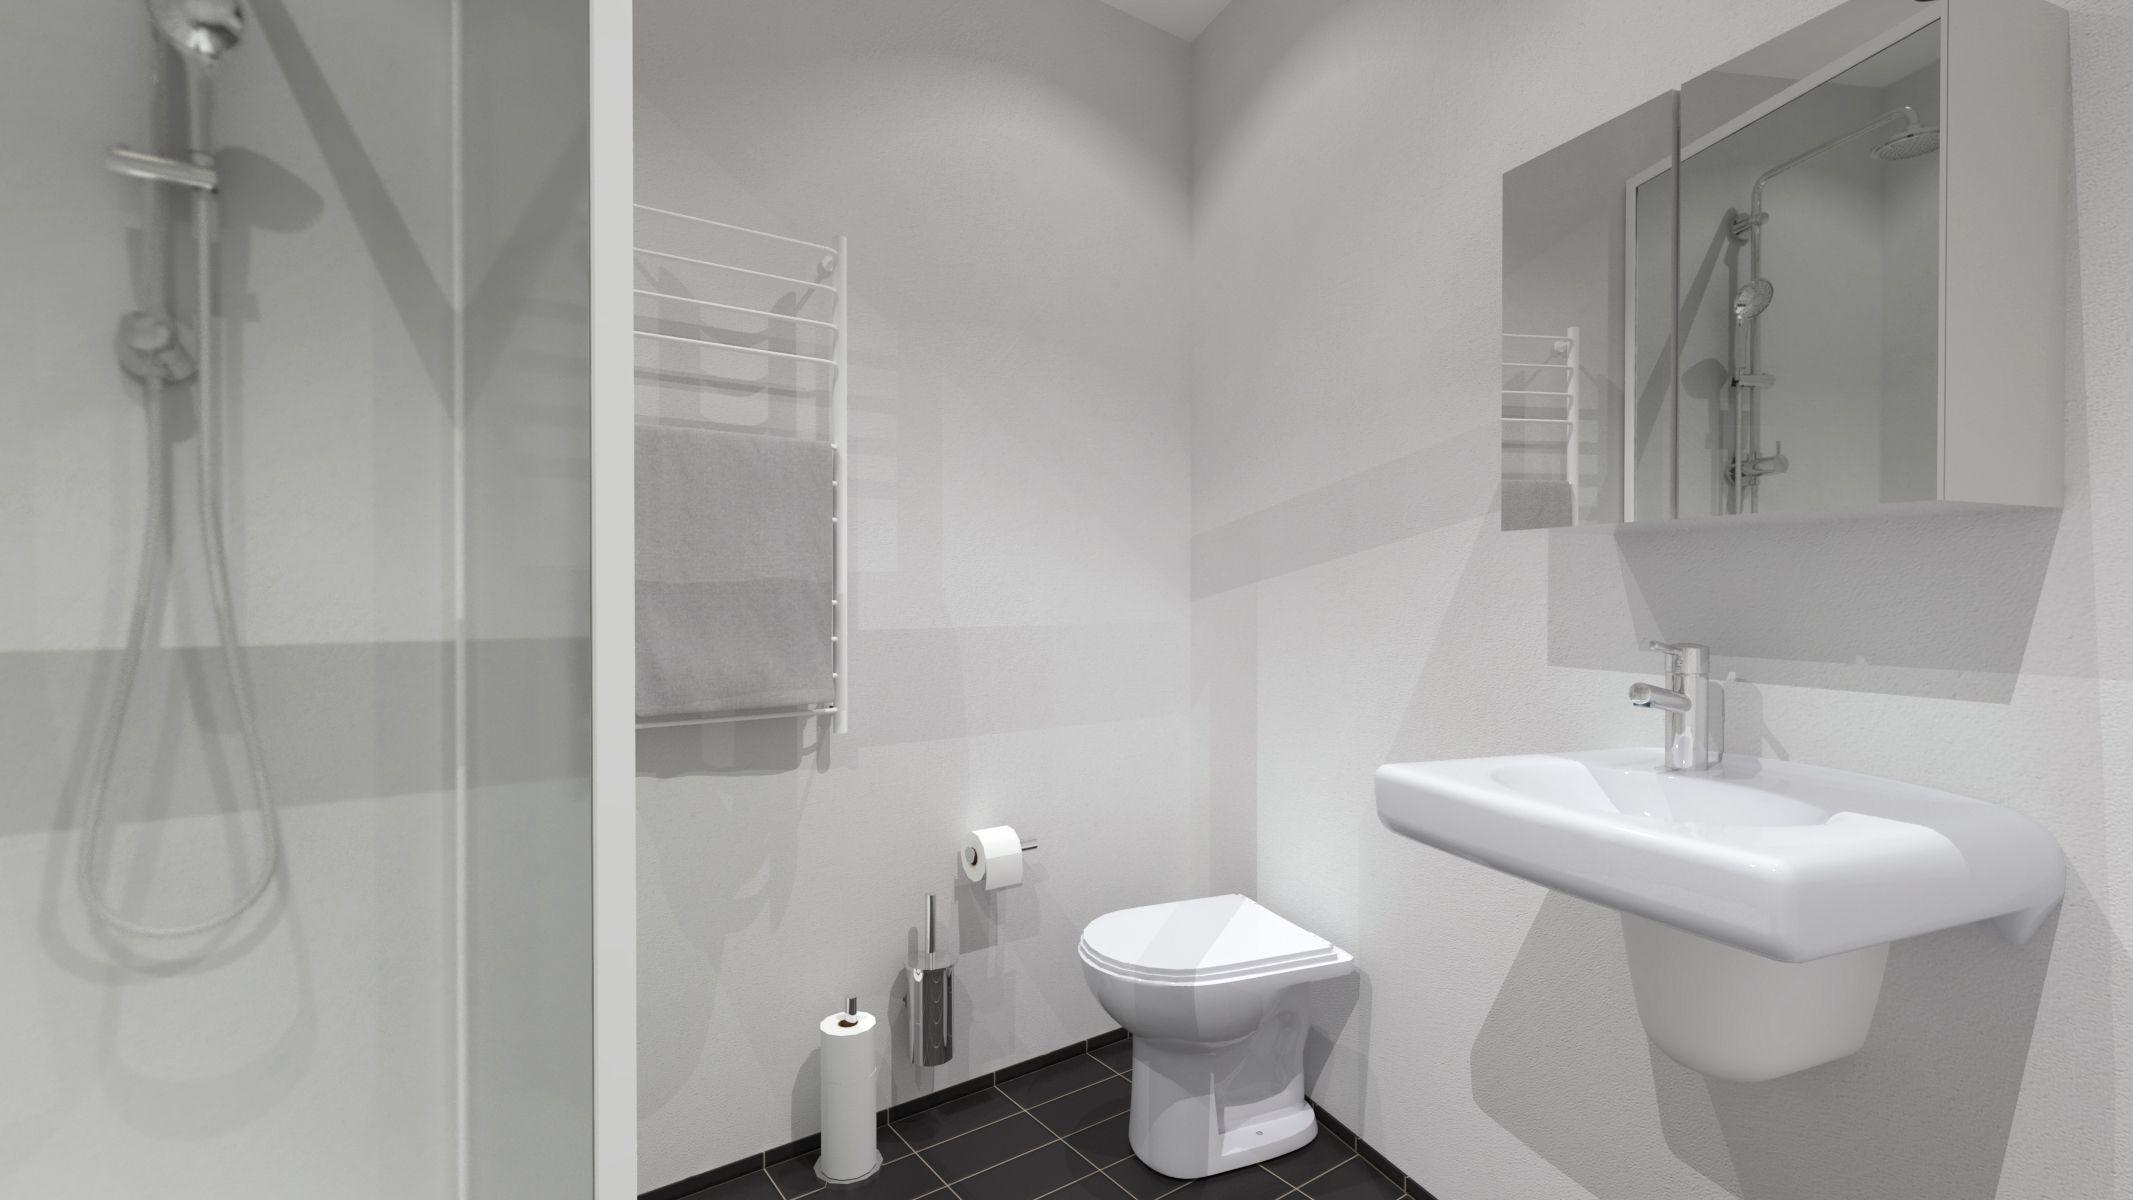 Moderne Witte Badkamer : Moderne badkamer wit met parkettegels sleurs vangompel